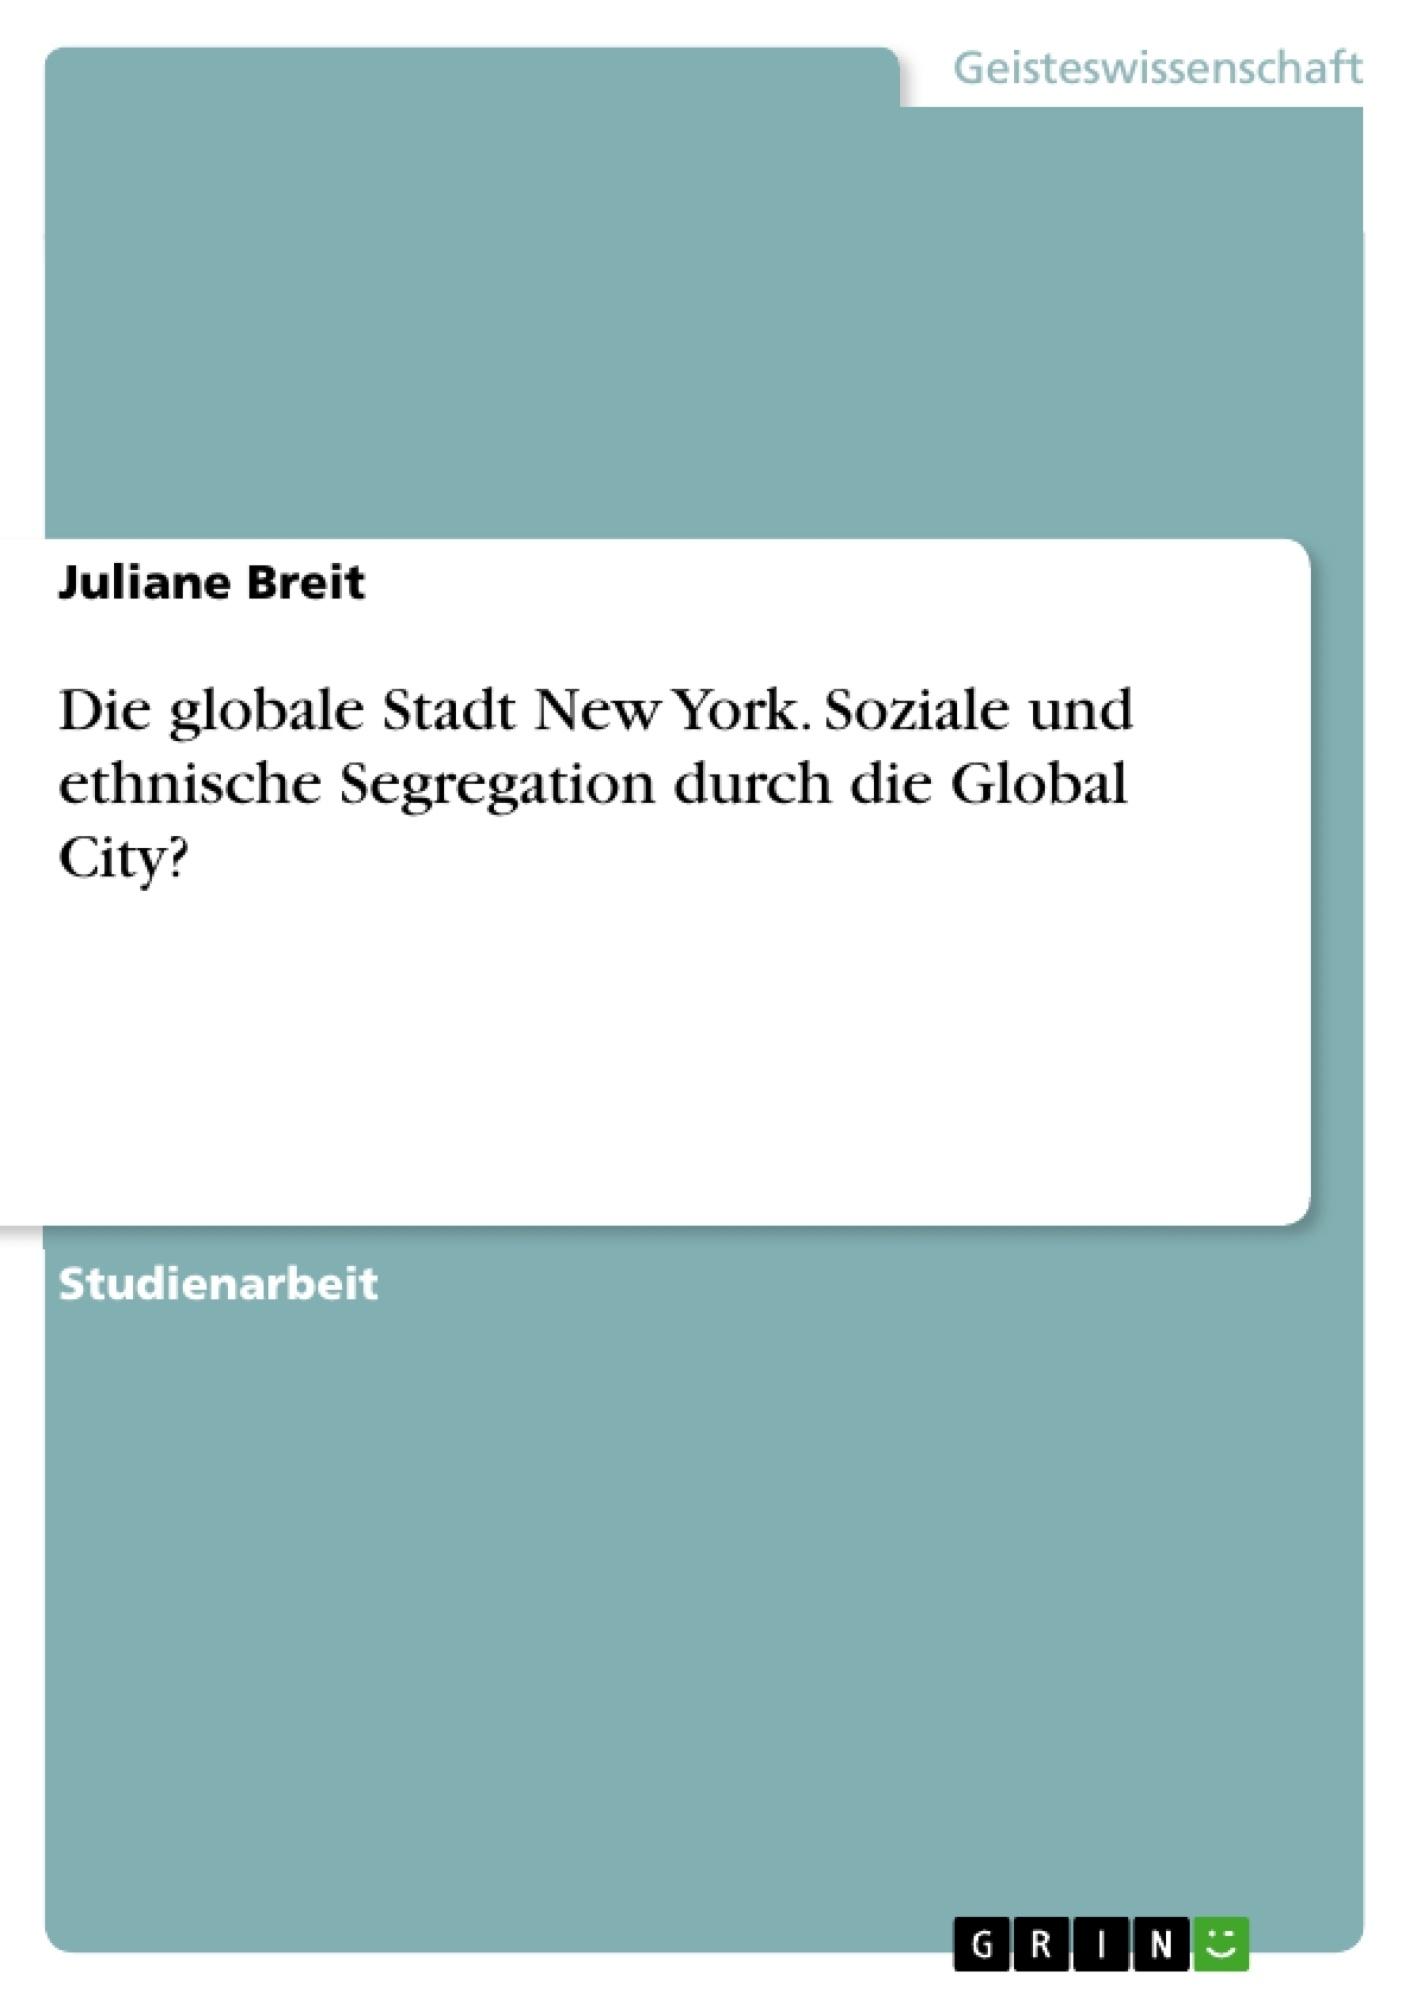 Titel: Die globale Stadt New York. Soziale und ethnische Segregation durch die Global City?